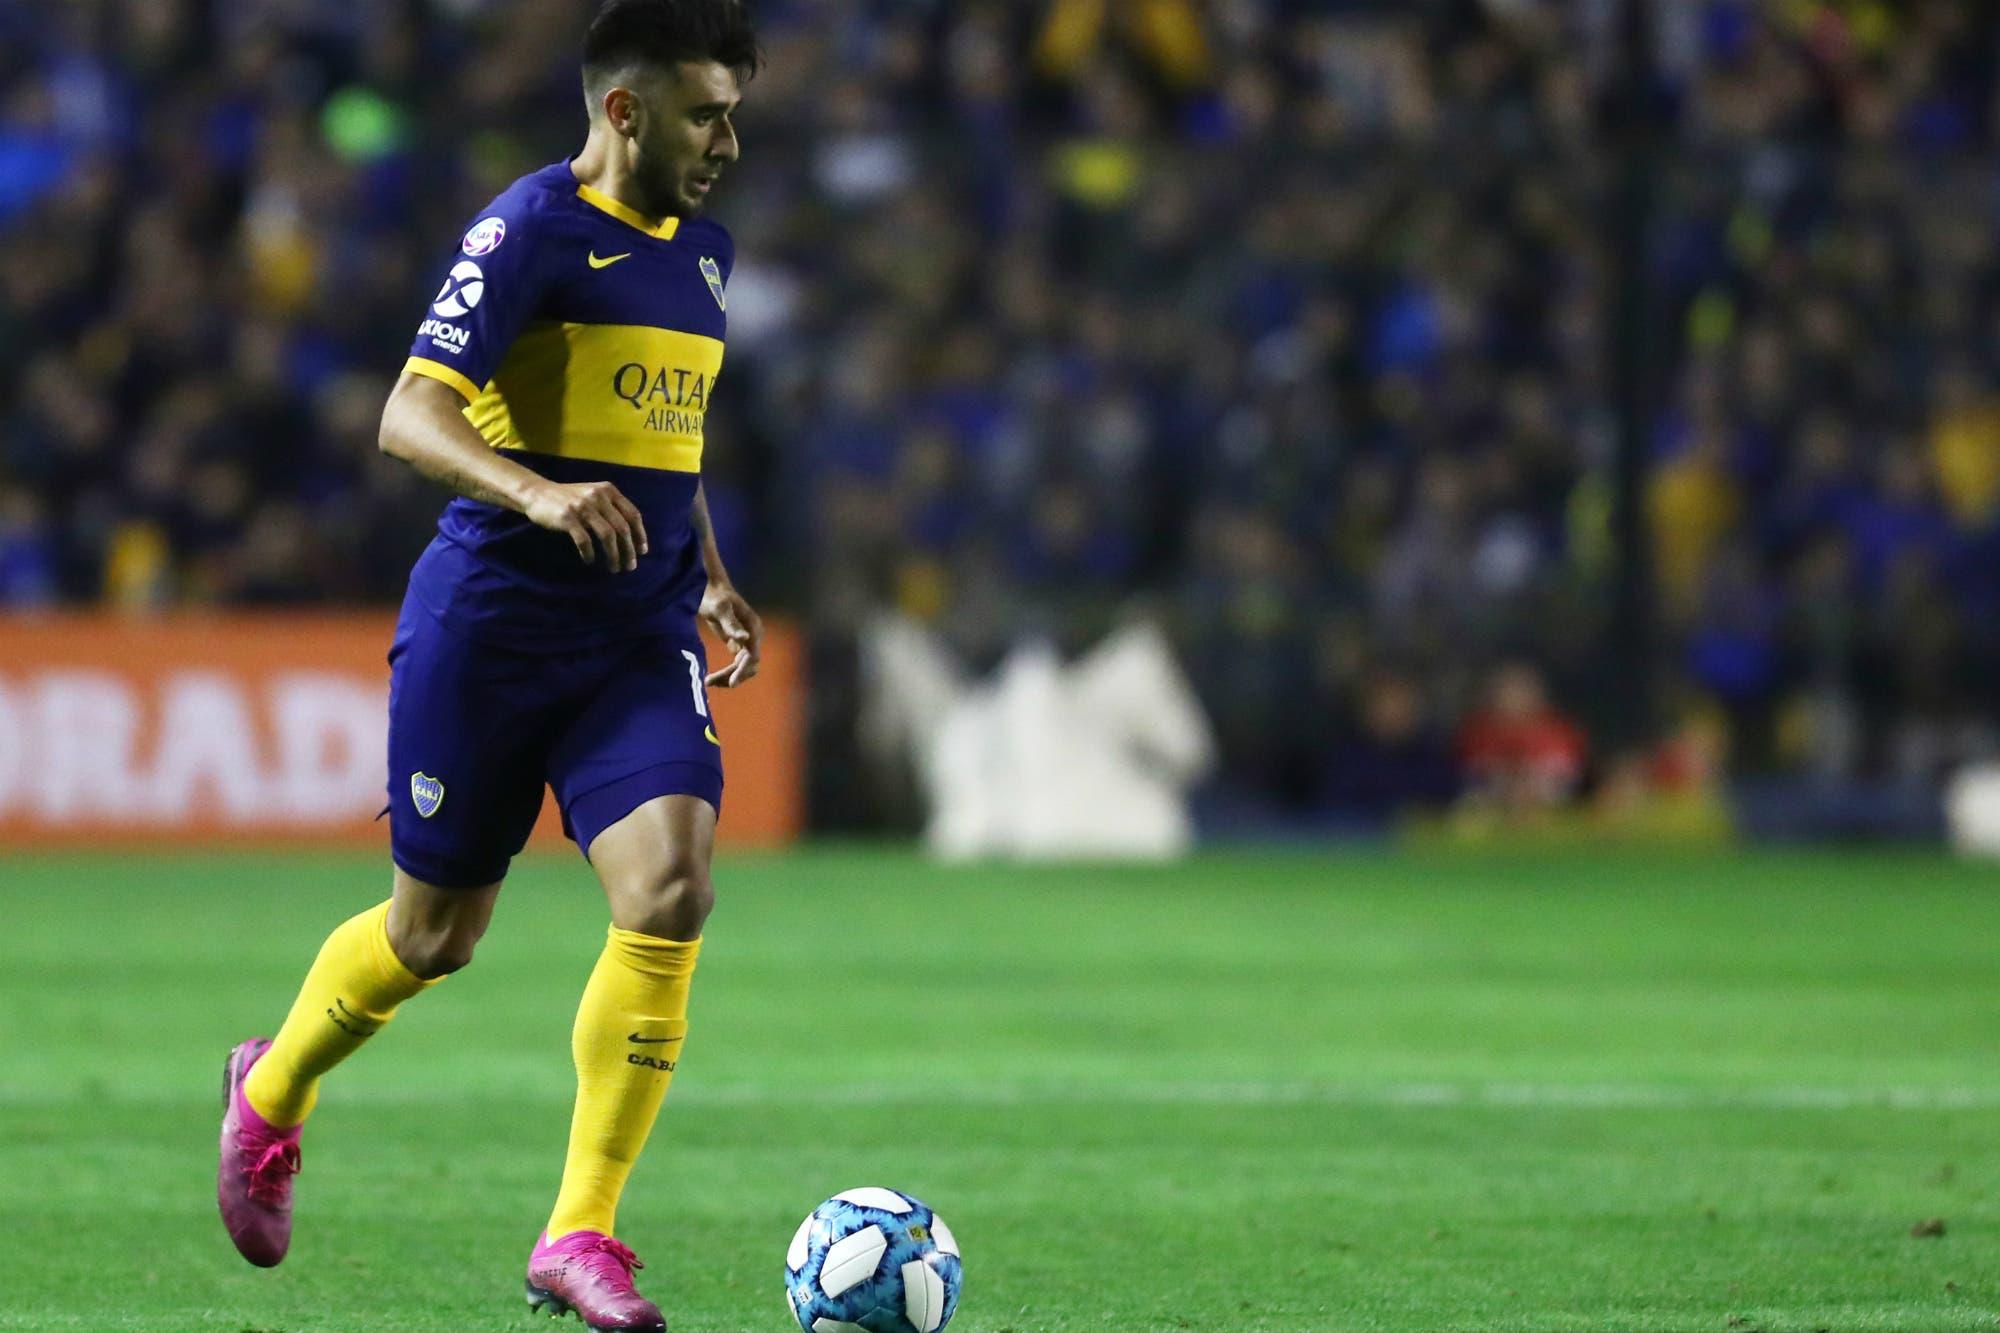 Liga de Quito-Boca, por la Copa Libertadores: horario, TV y formaciones